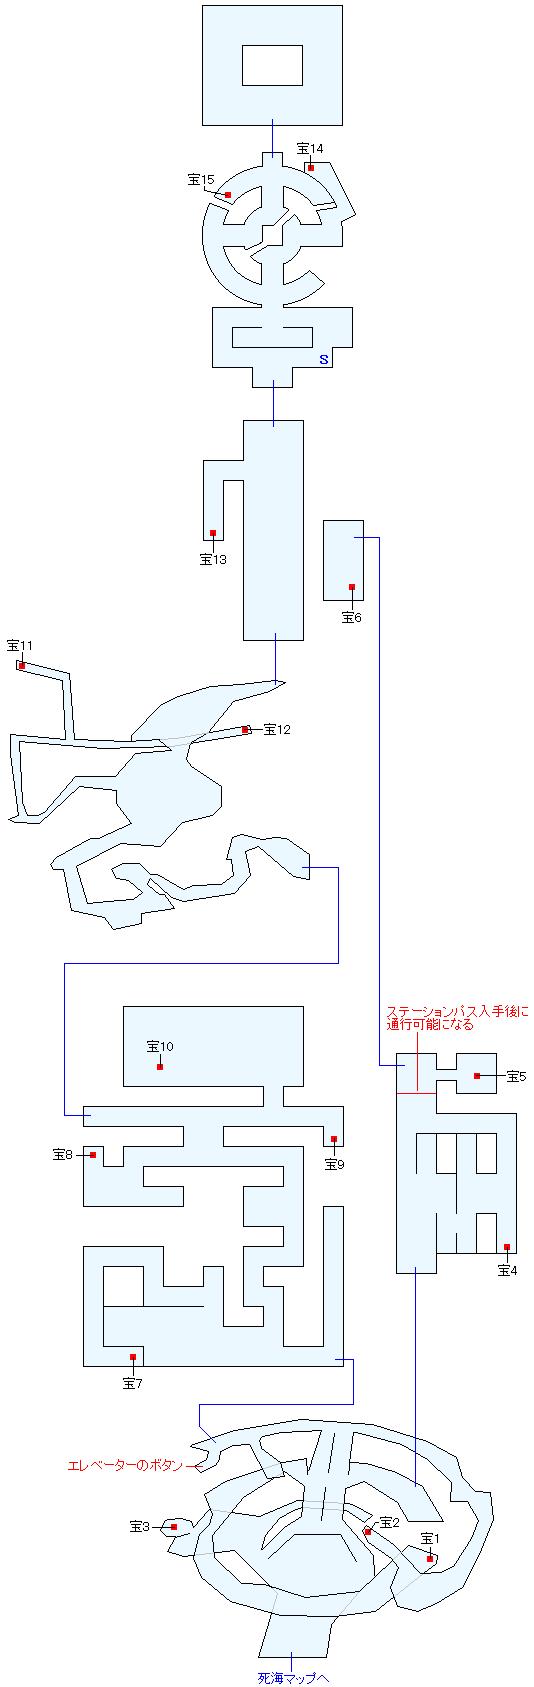 死海・滅びの塔マップ画像